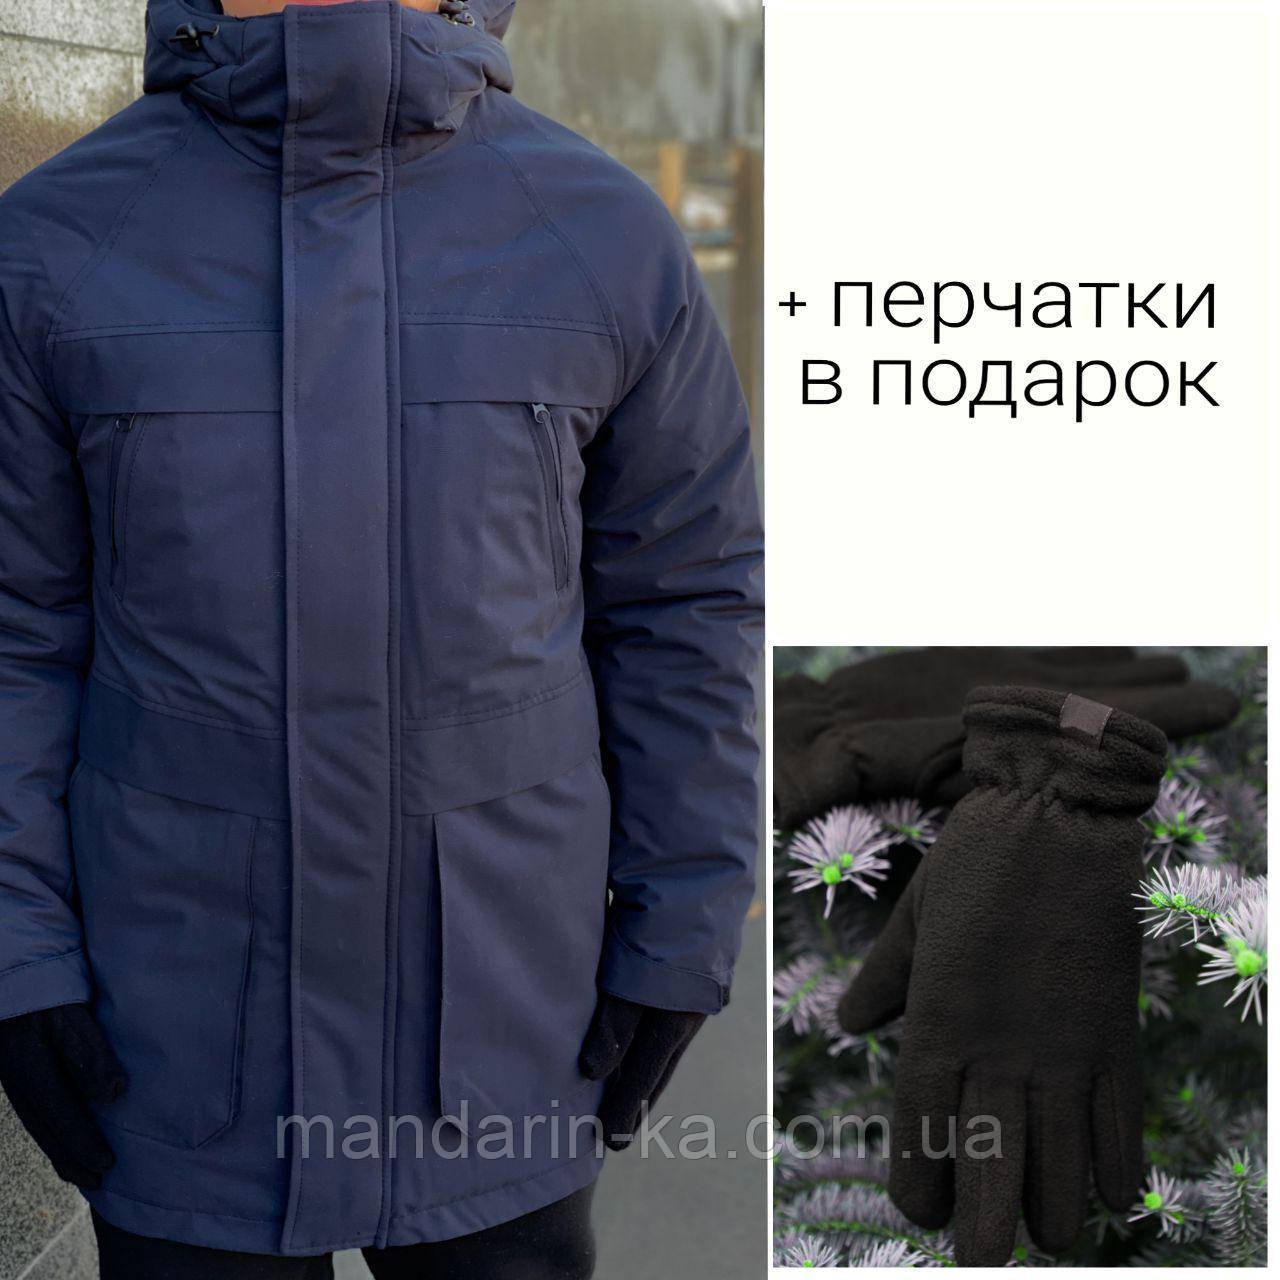 """Парка мужская зимняя синяя  Winter Parka """"Arctic""""+ Перчатки в подарок"""